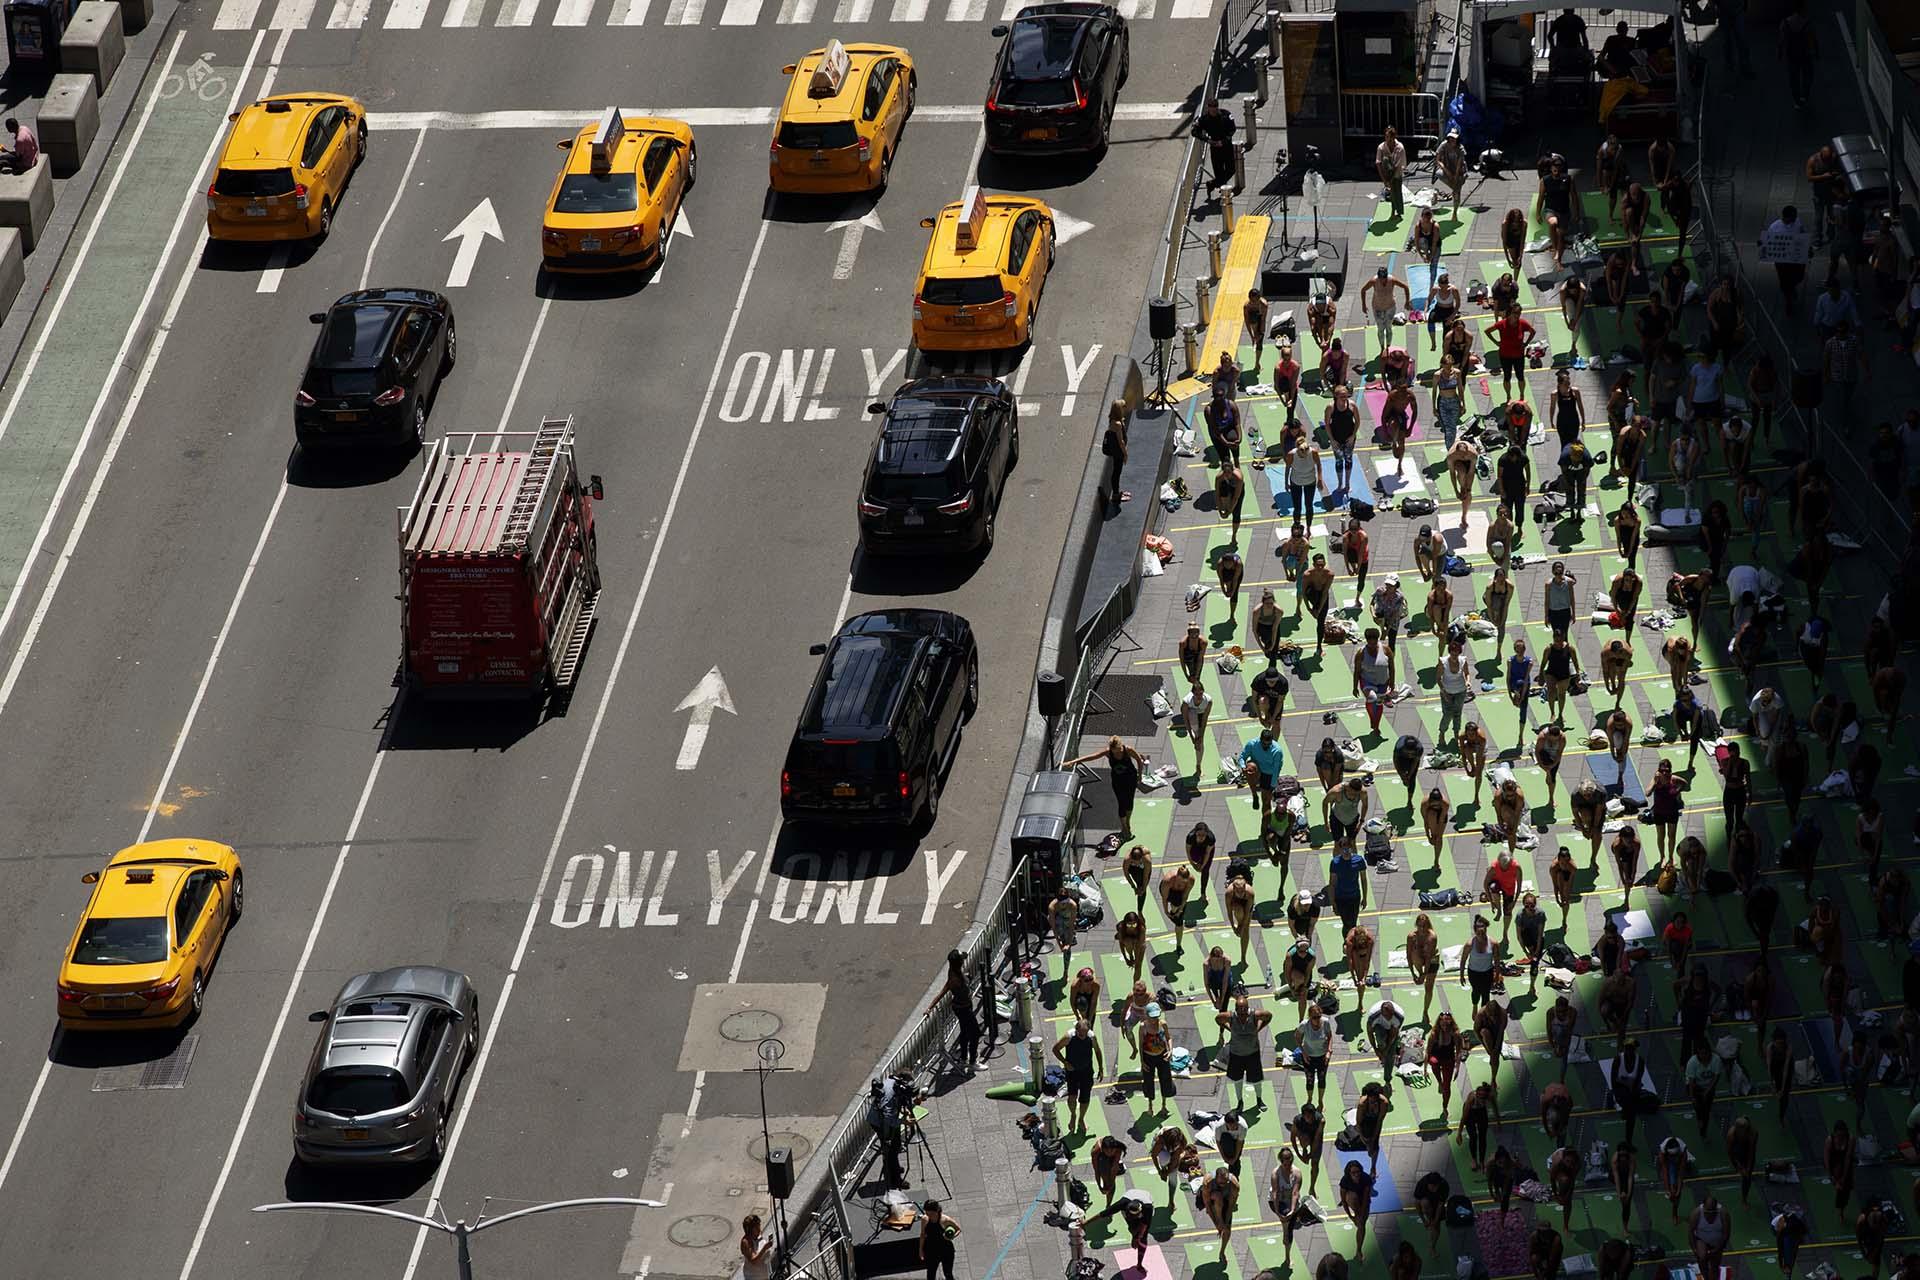 Miles de fanáticos de la yoga se reunieron en una clase masiva en Times Quare, Manhattan, donde celebraron el solsticio de verano (Drew Angerer/Getty Images/AFP)